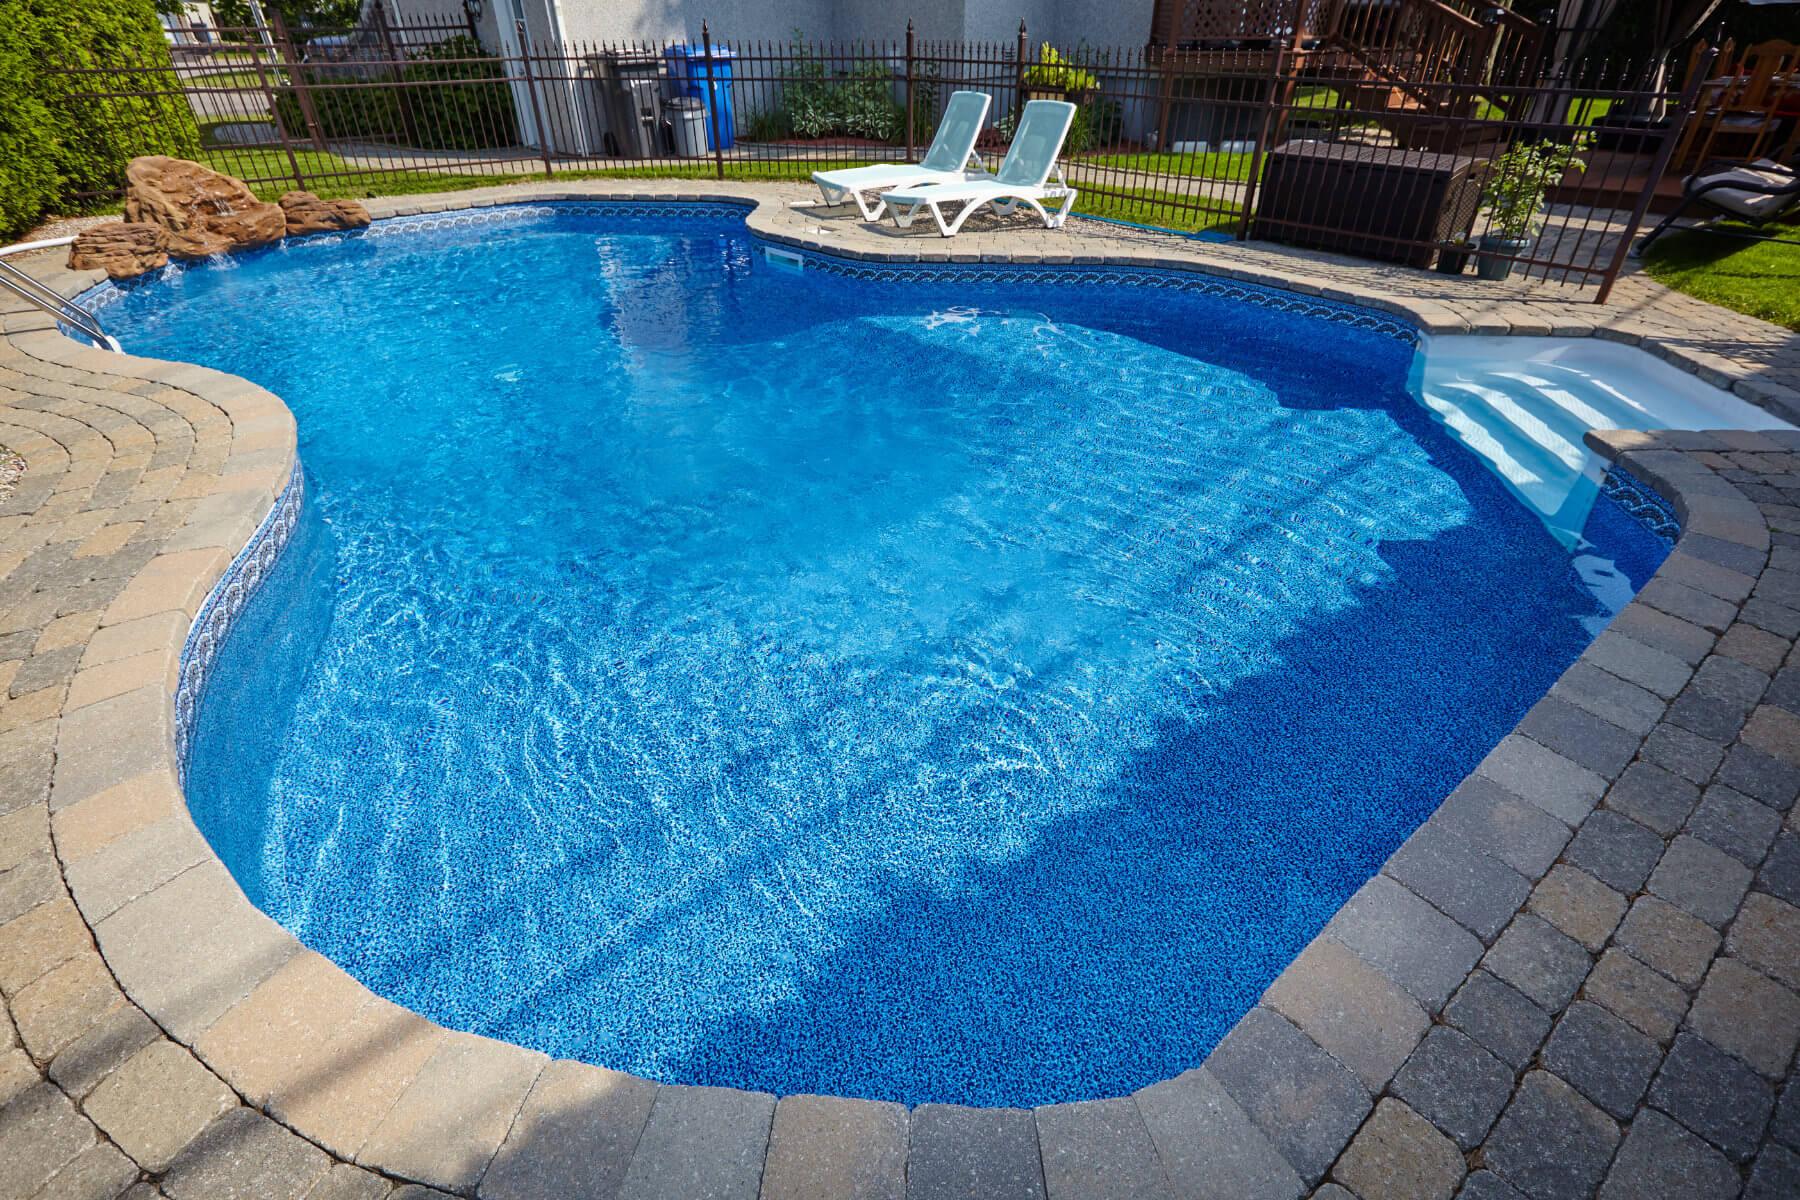 Heated pool - jacksonville